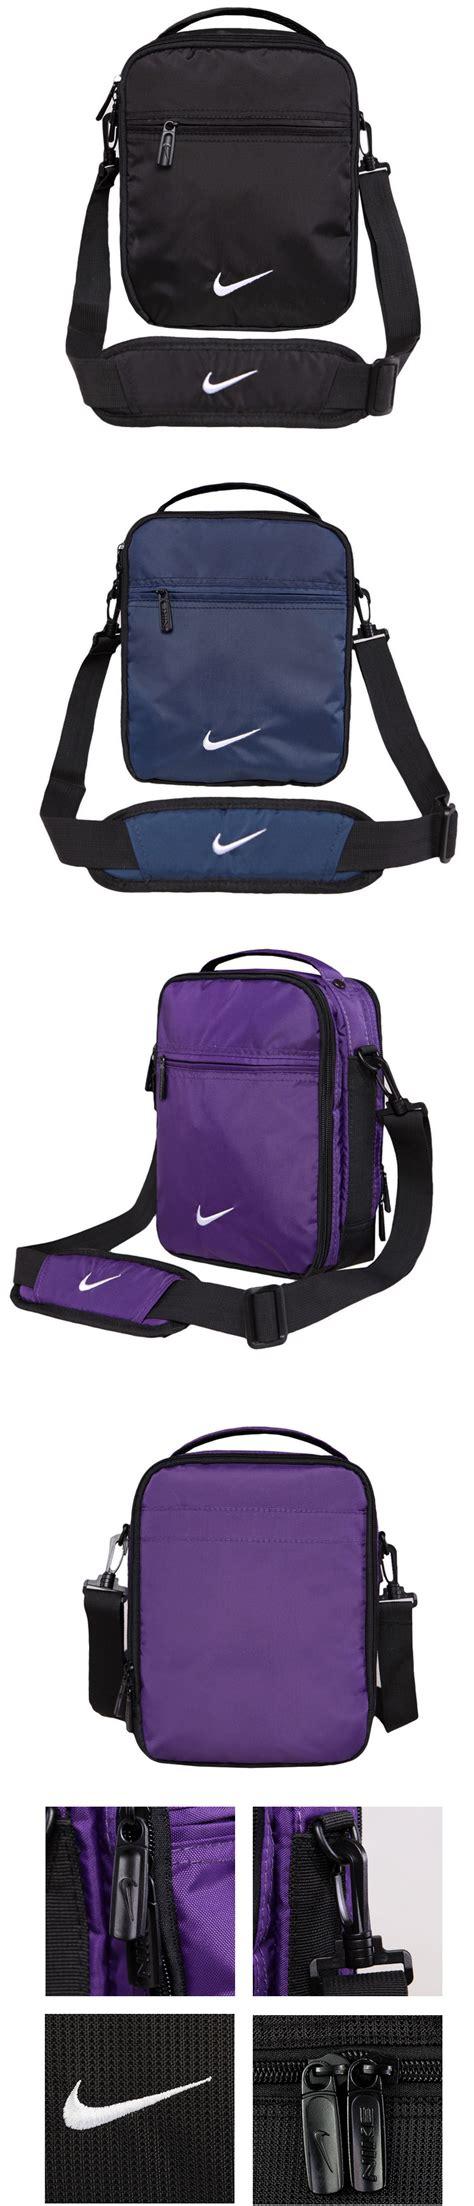 Sling Bag Nike Navy nike sling bag cross bag wate end 11 27 2018 11 25 am